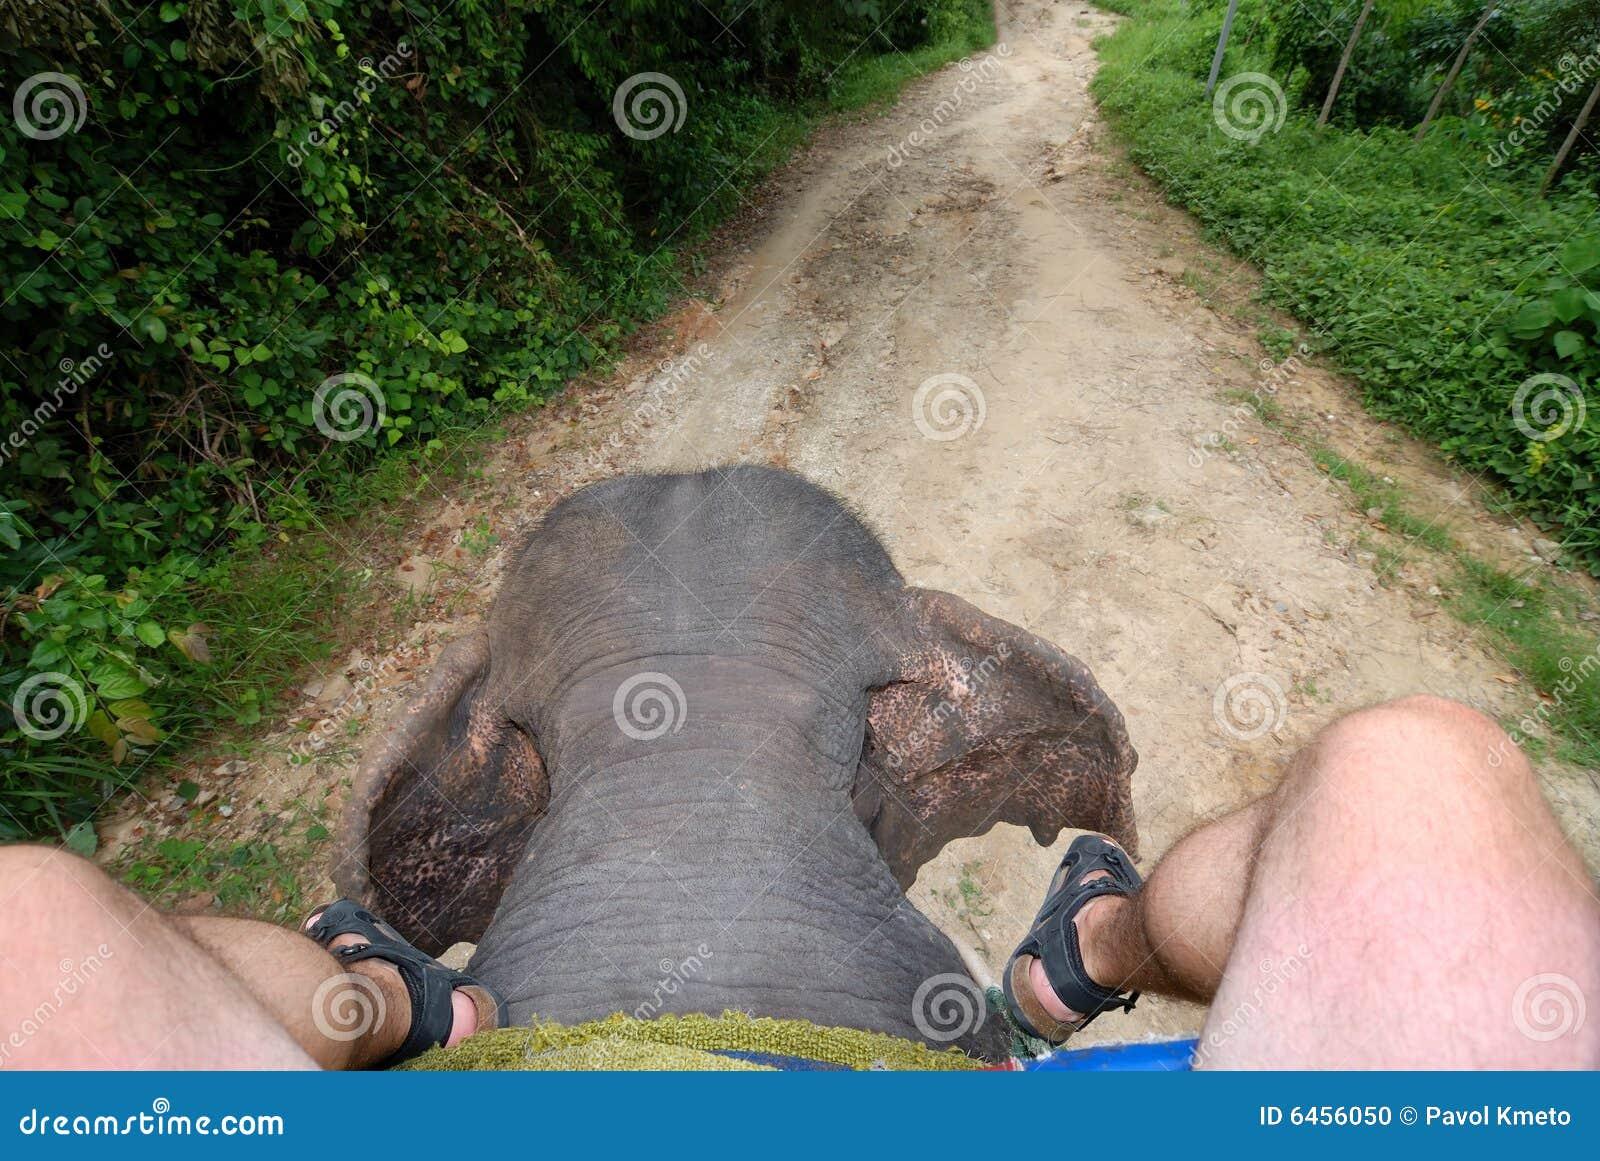 Pozbycie się słonia